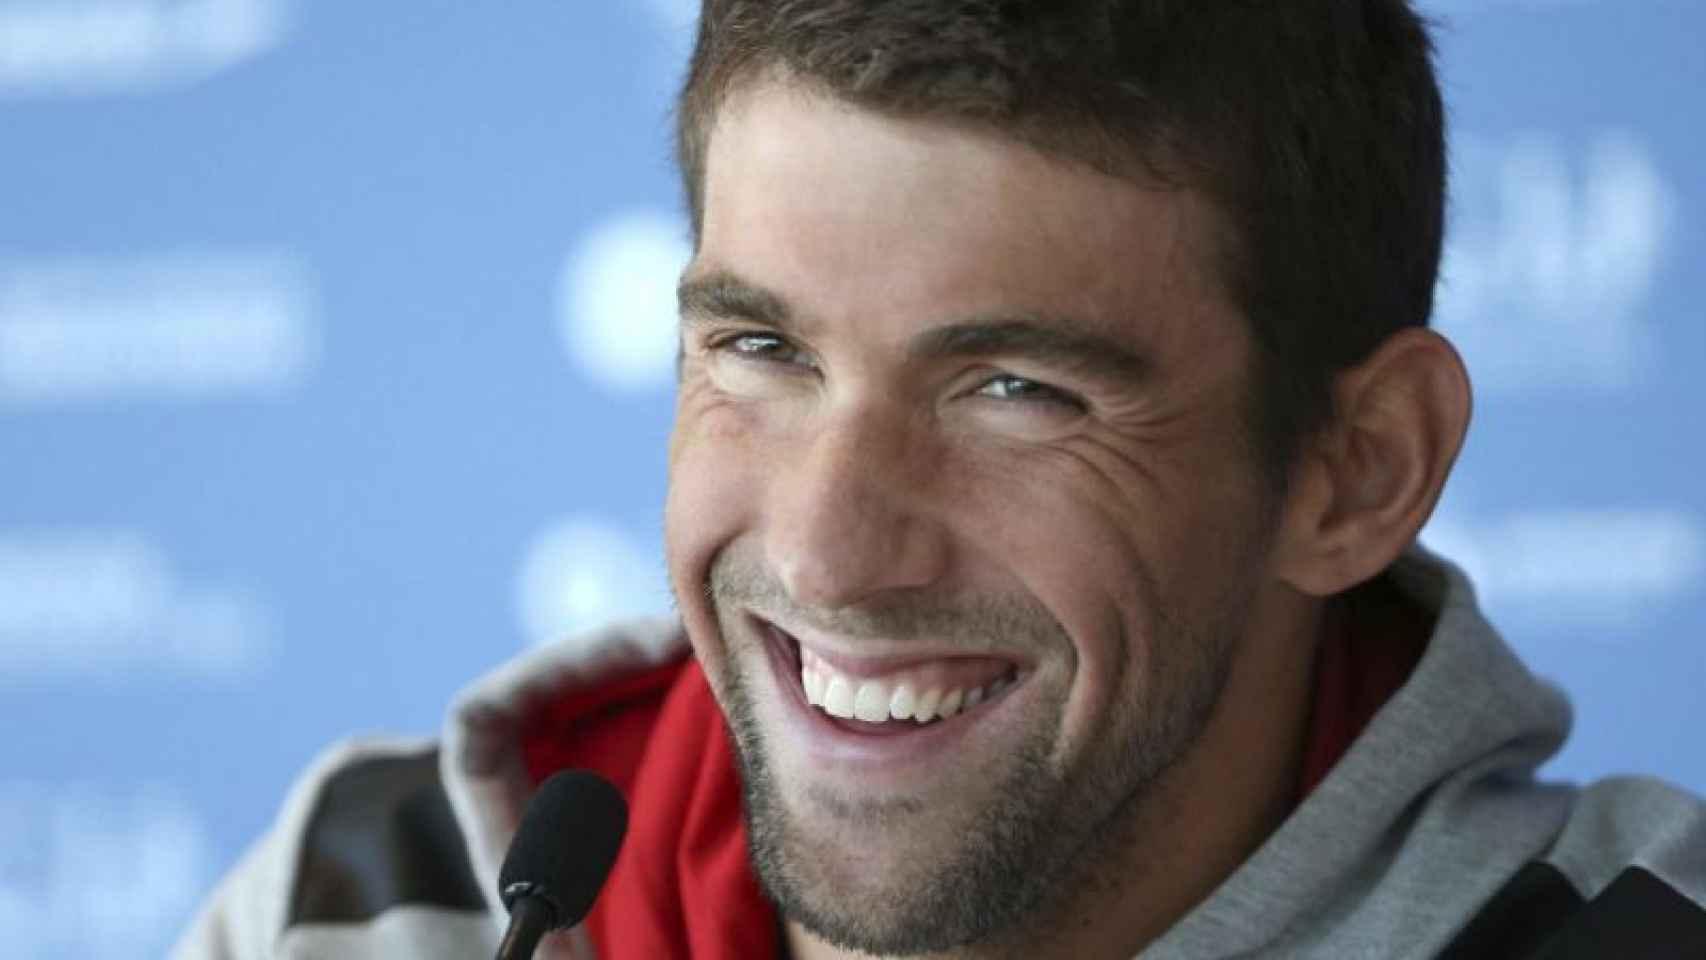 Michael Phelps, el nadador de oro, ha adquirido una mansión en Arizona.